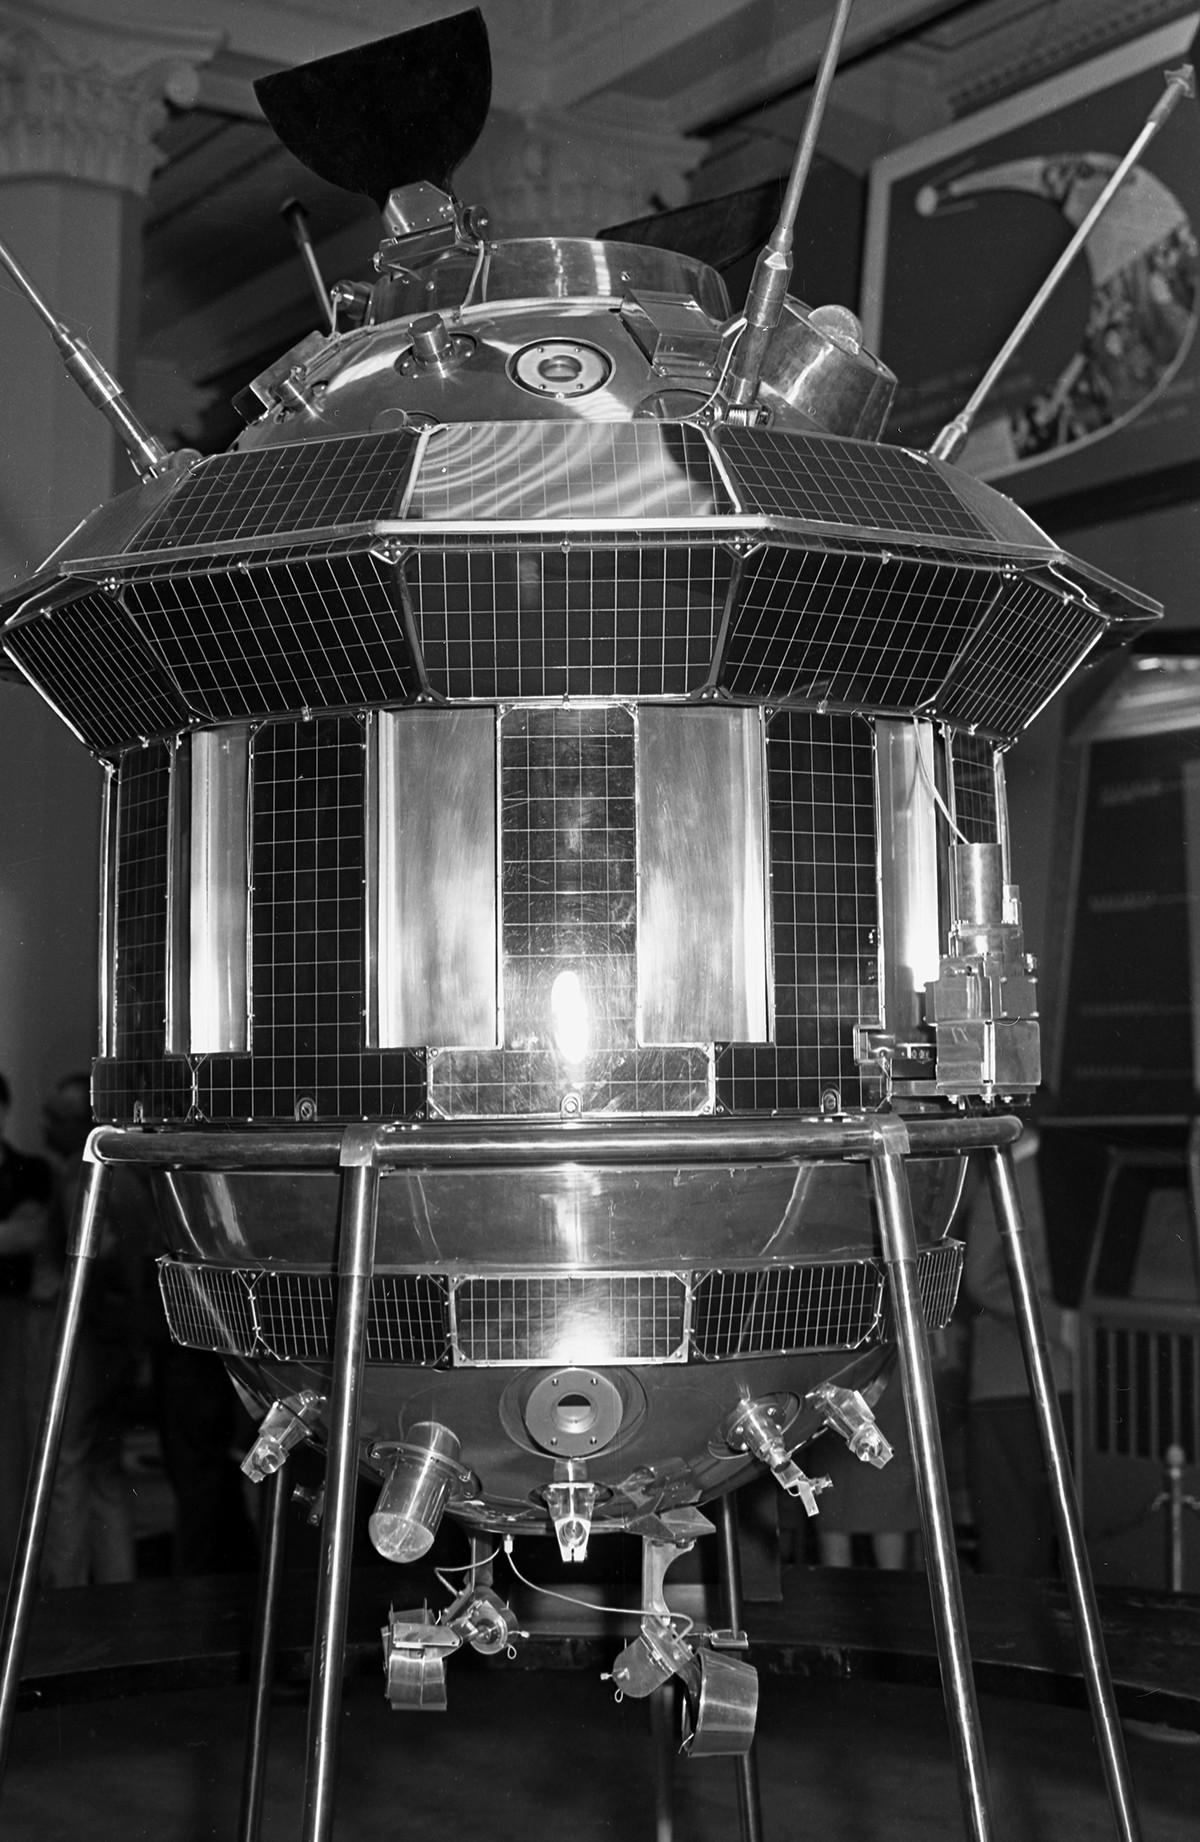 Une copie réduite de la sonde spatiale soviétique Luna-3